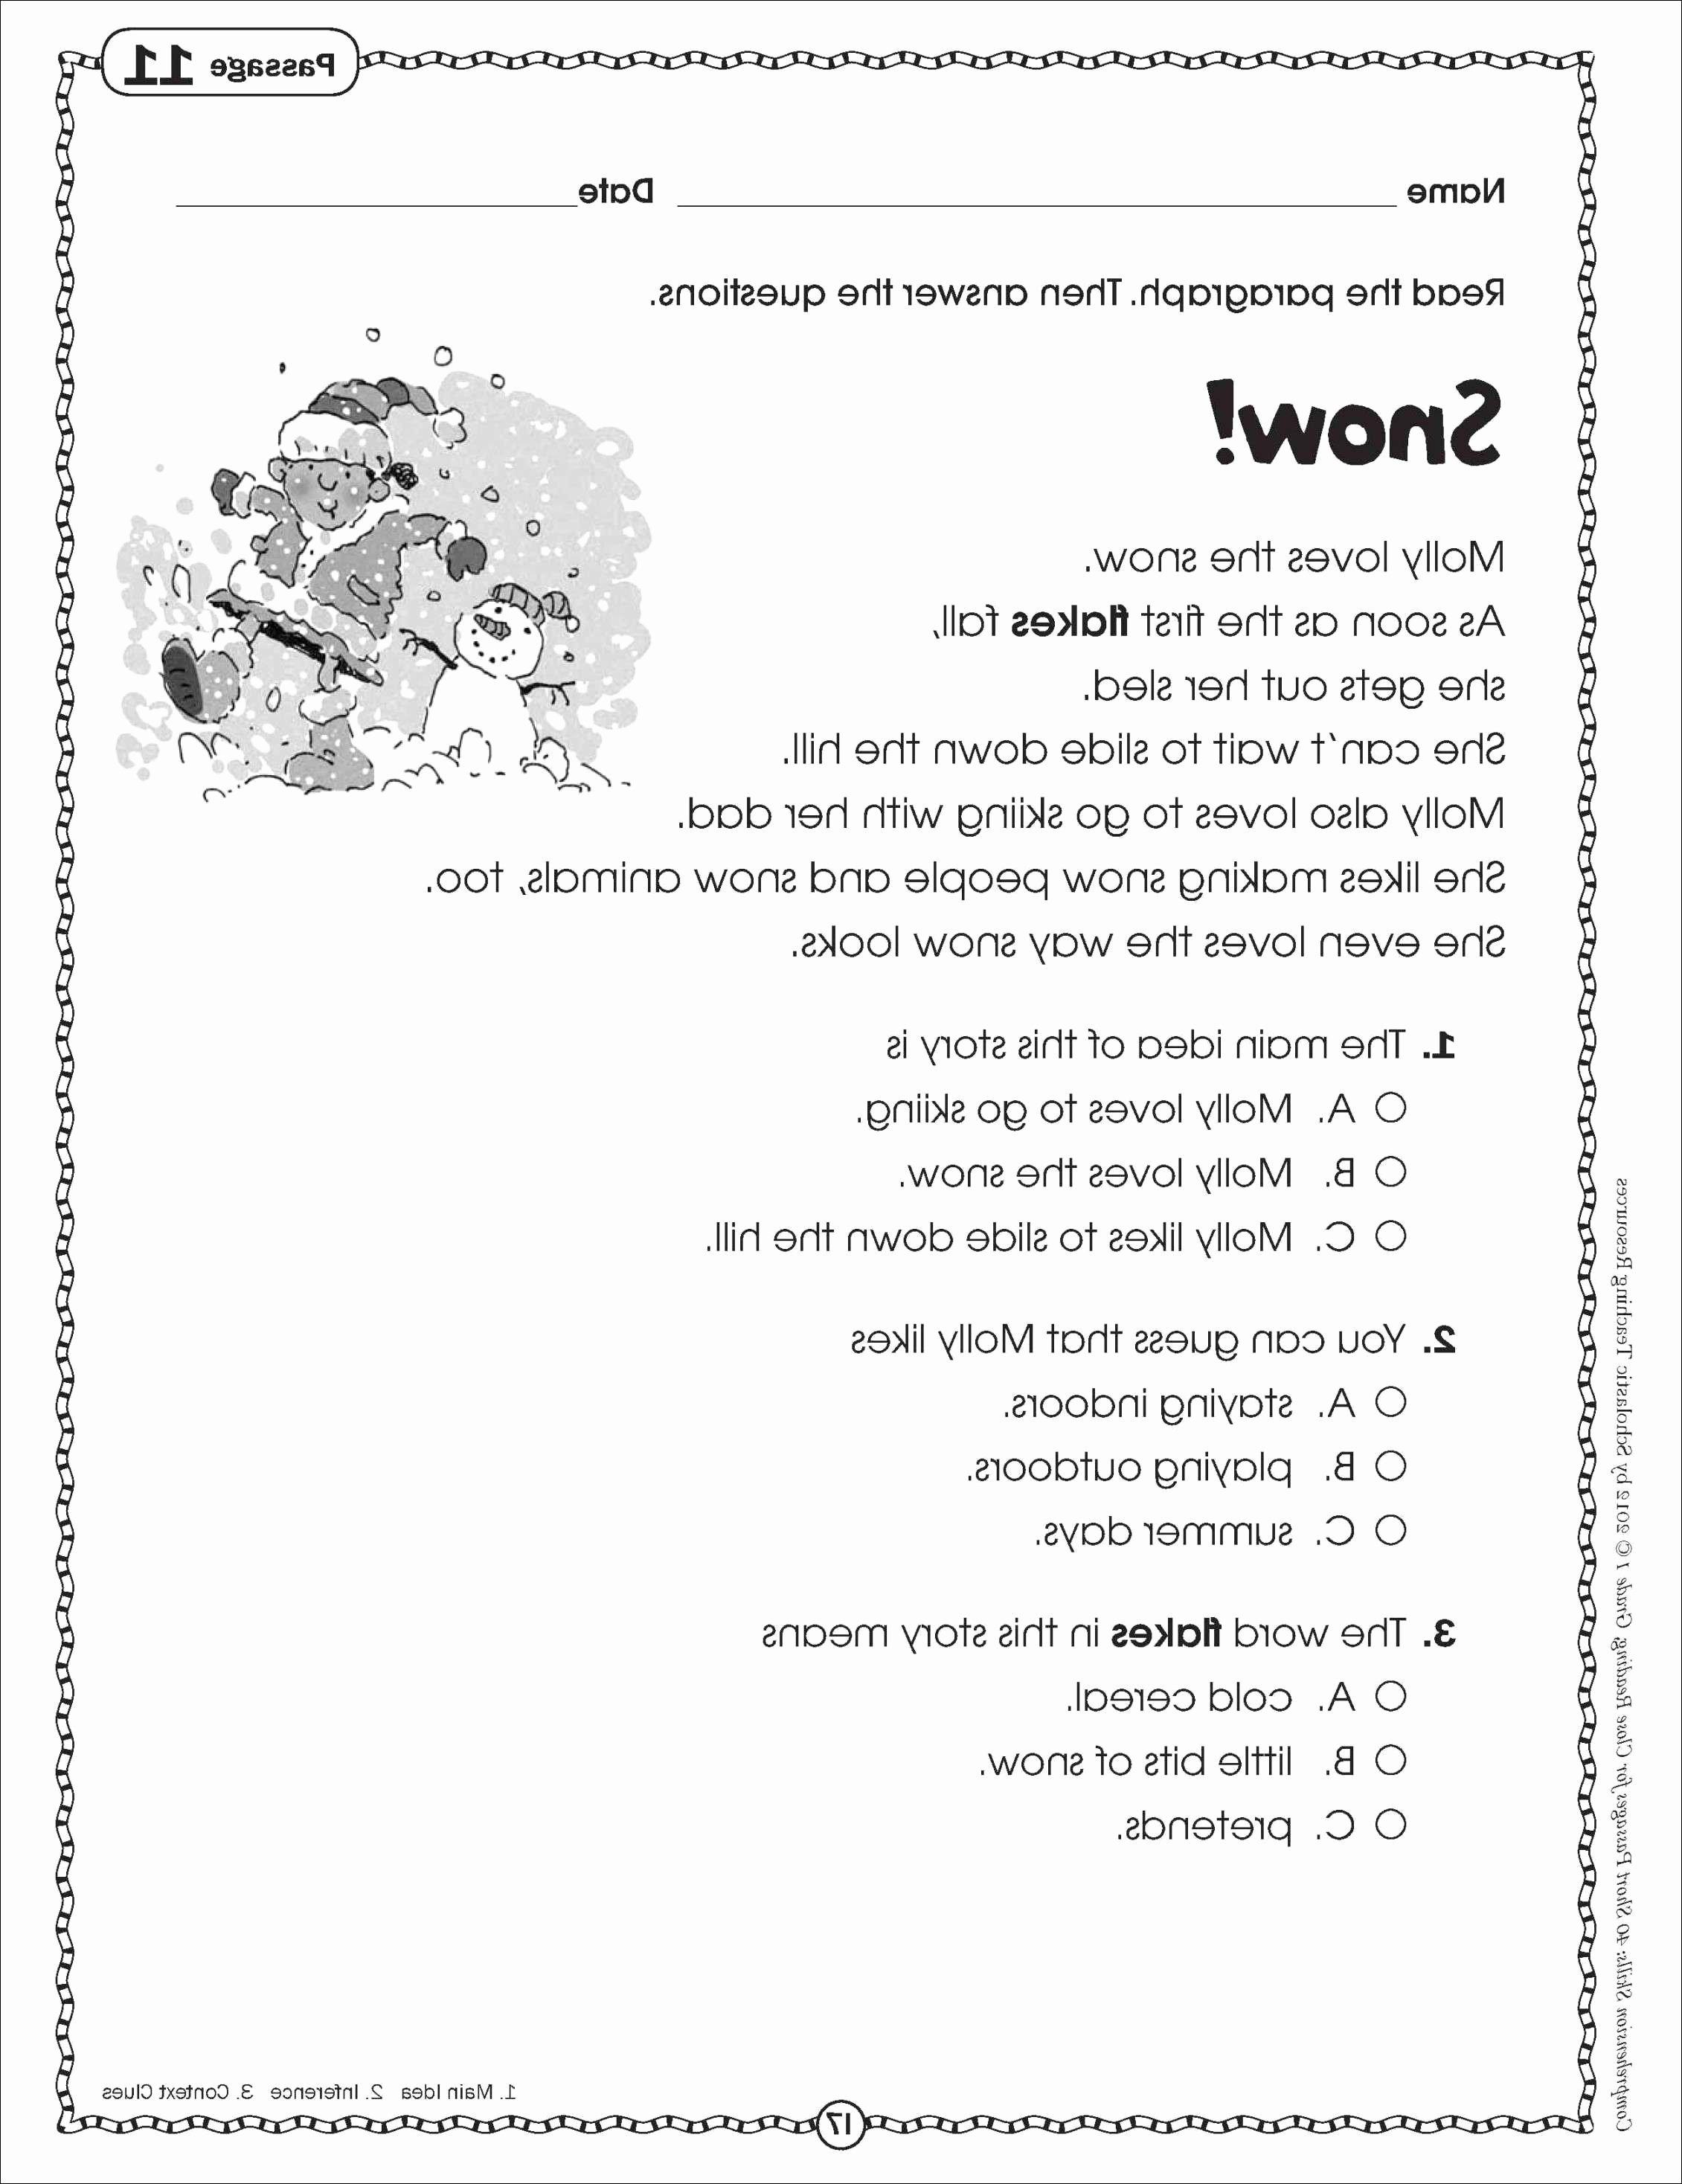 Cnn Student News Worksheet Fresh Cnn Student News Worksheet Worksheet Idea Template